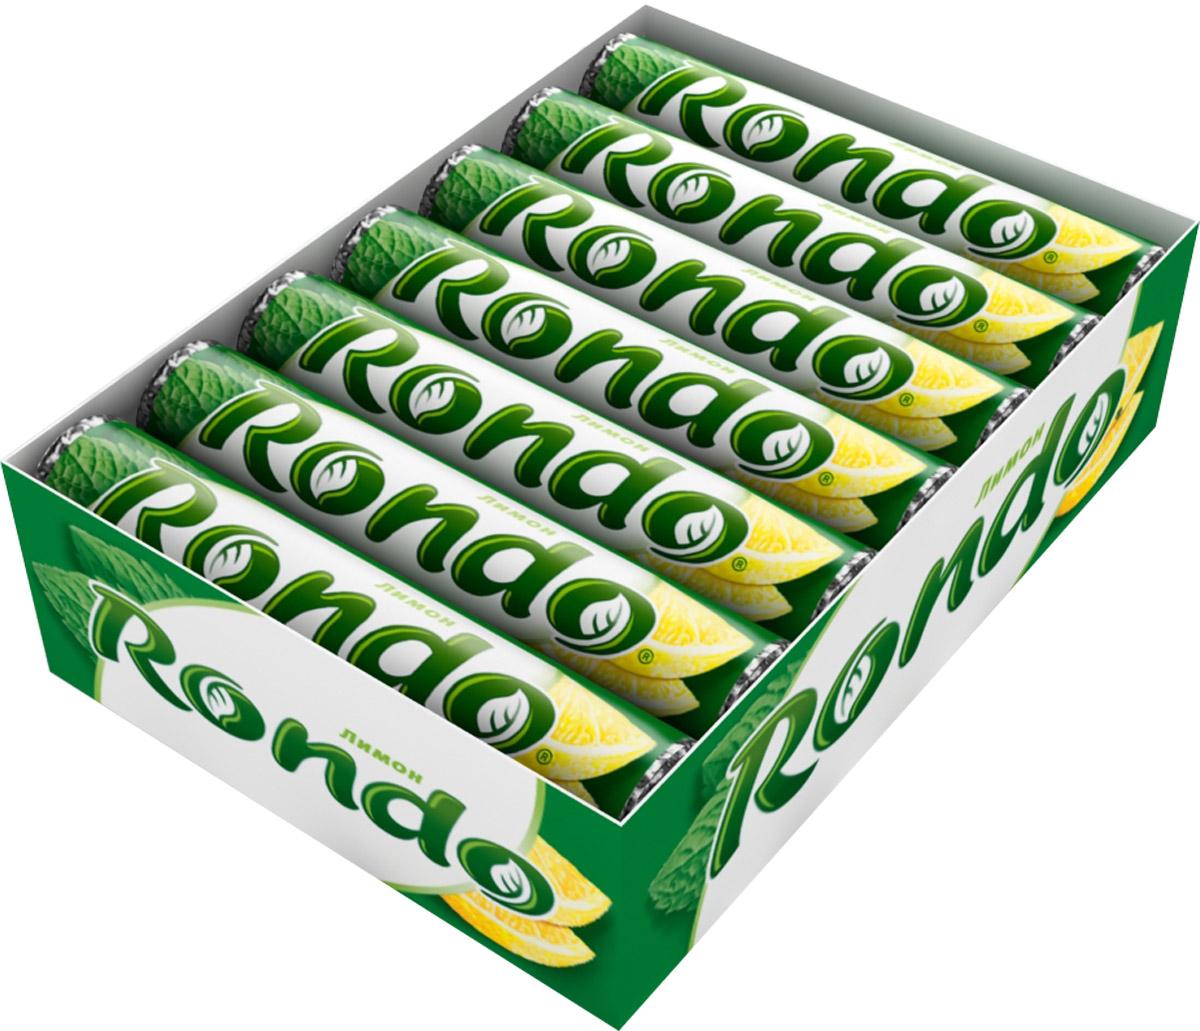 Rondo Лимон освежающие конфеты, 14 пачек по 30 г освежающие конфеты rondo мята 30г